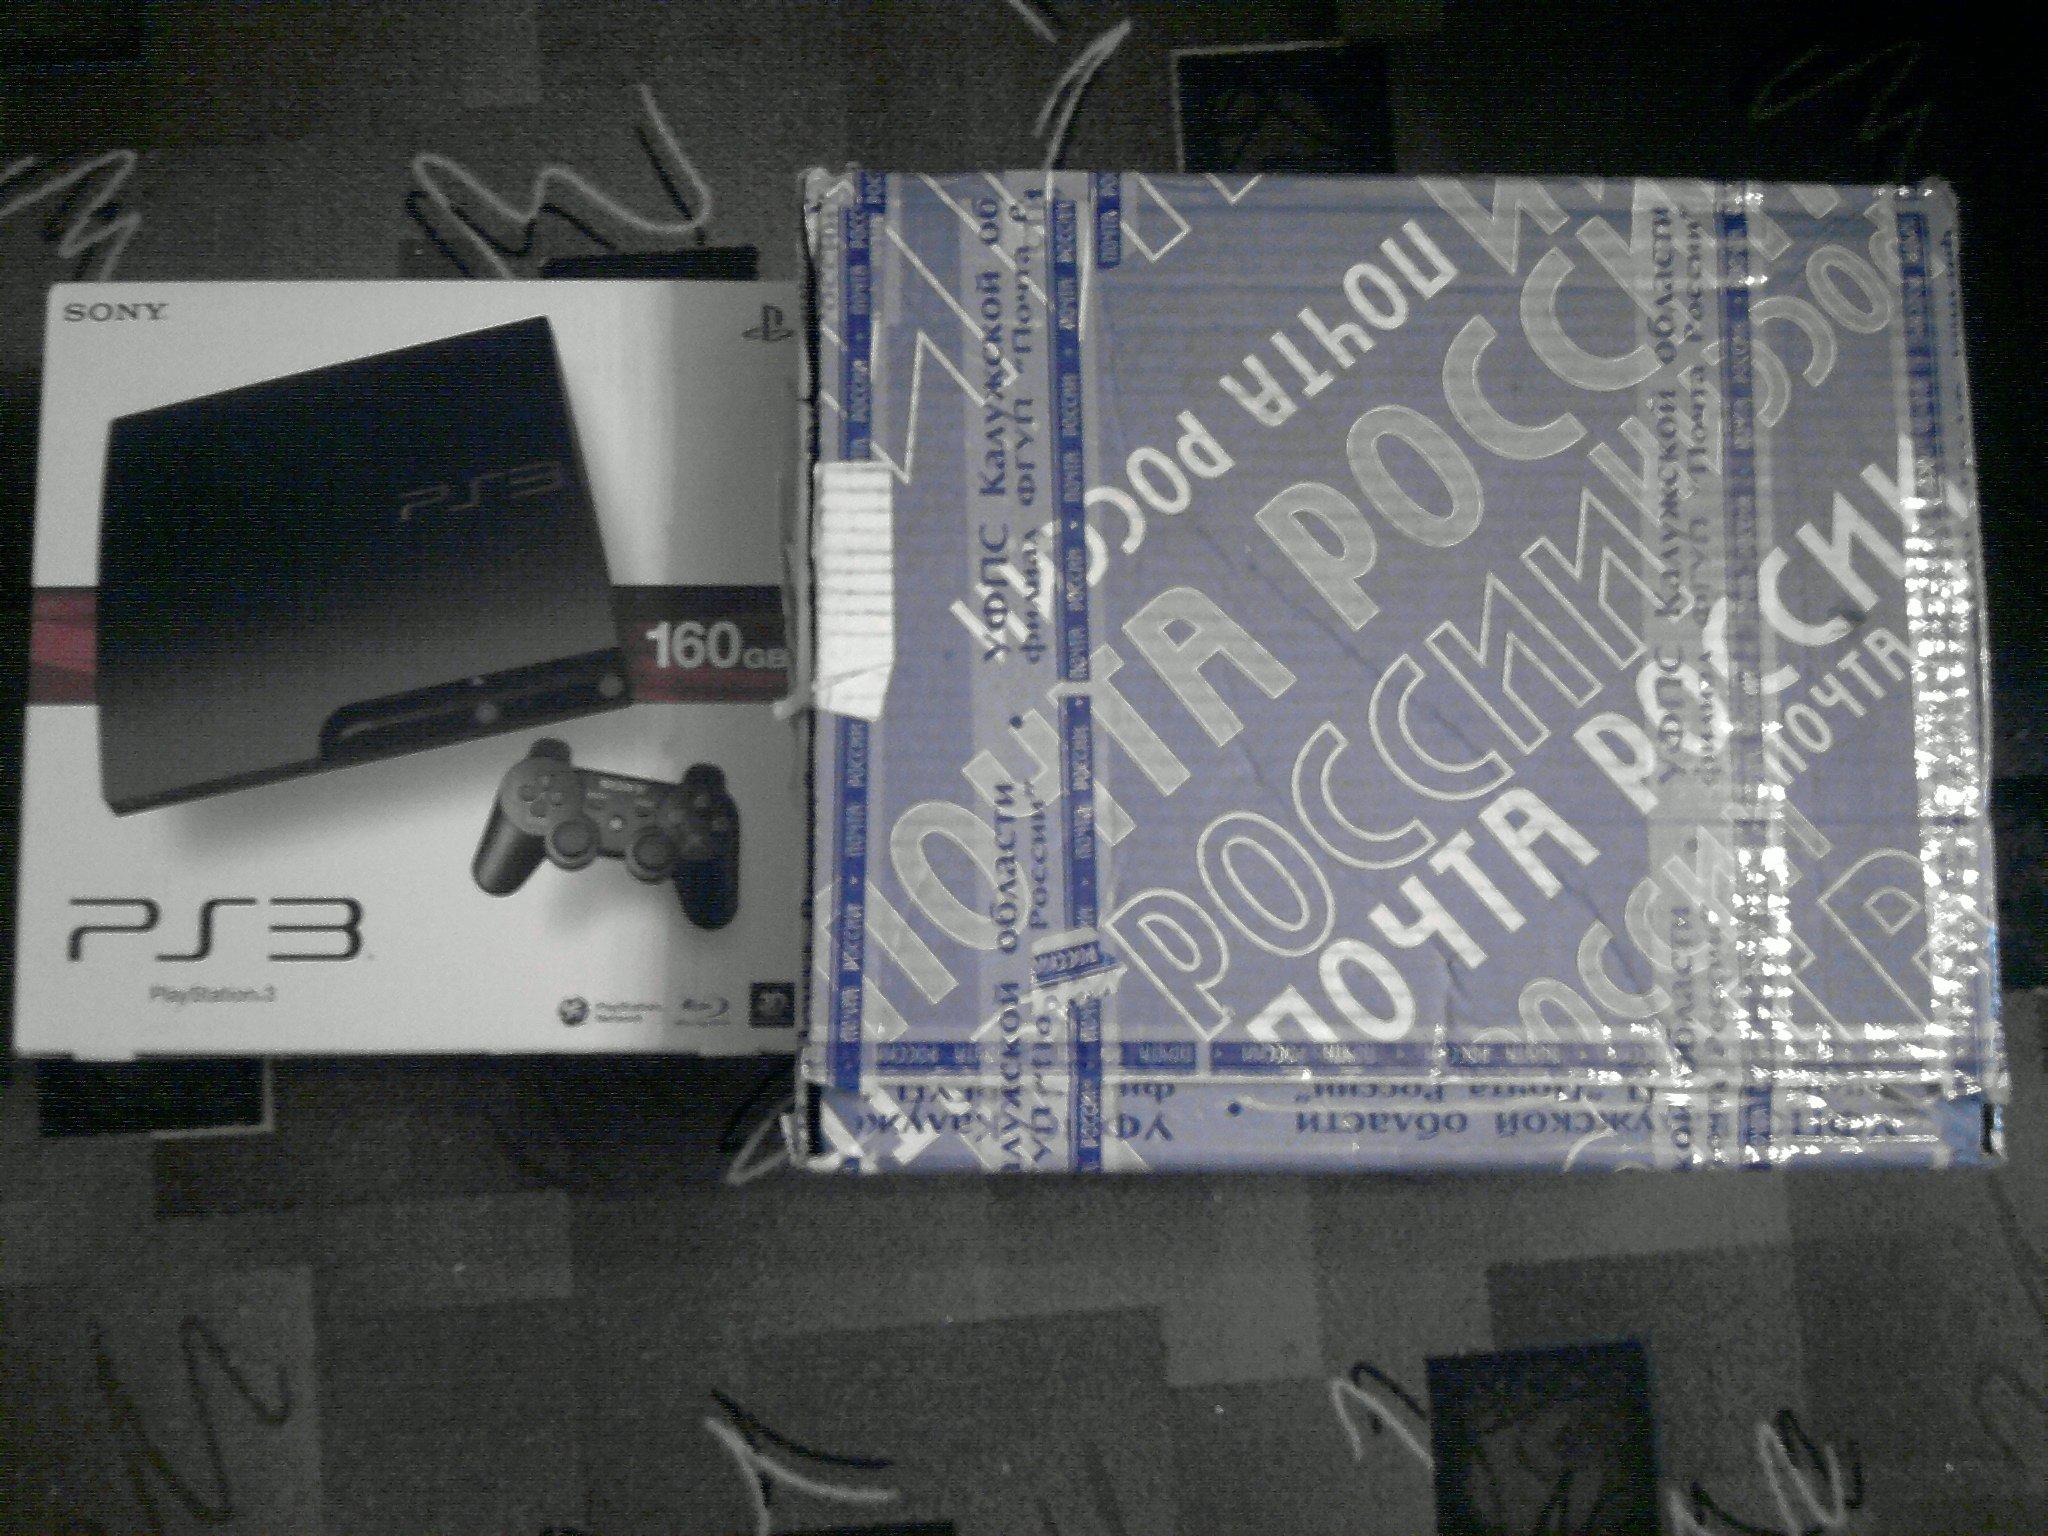 Доброе время суток, Канобувчане. Я все-таки решил сделать обзор на PlayStation 3 «КАНОБУ EDITION ». Думаю, все догад ... - Изображение 1